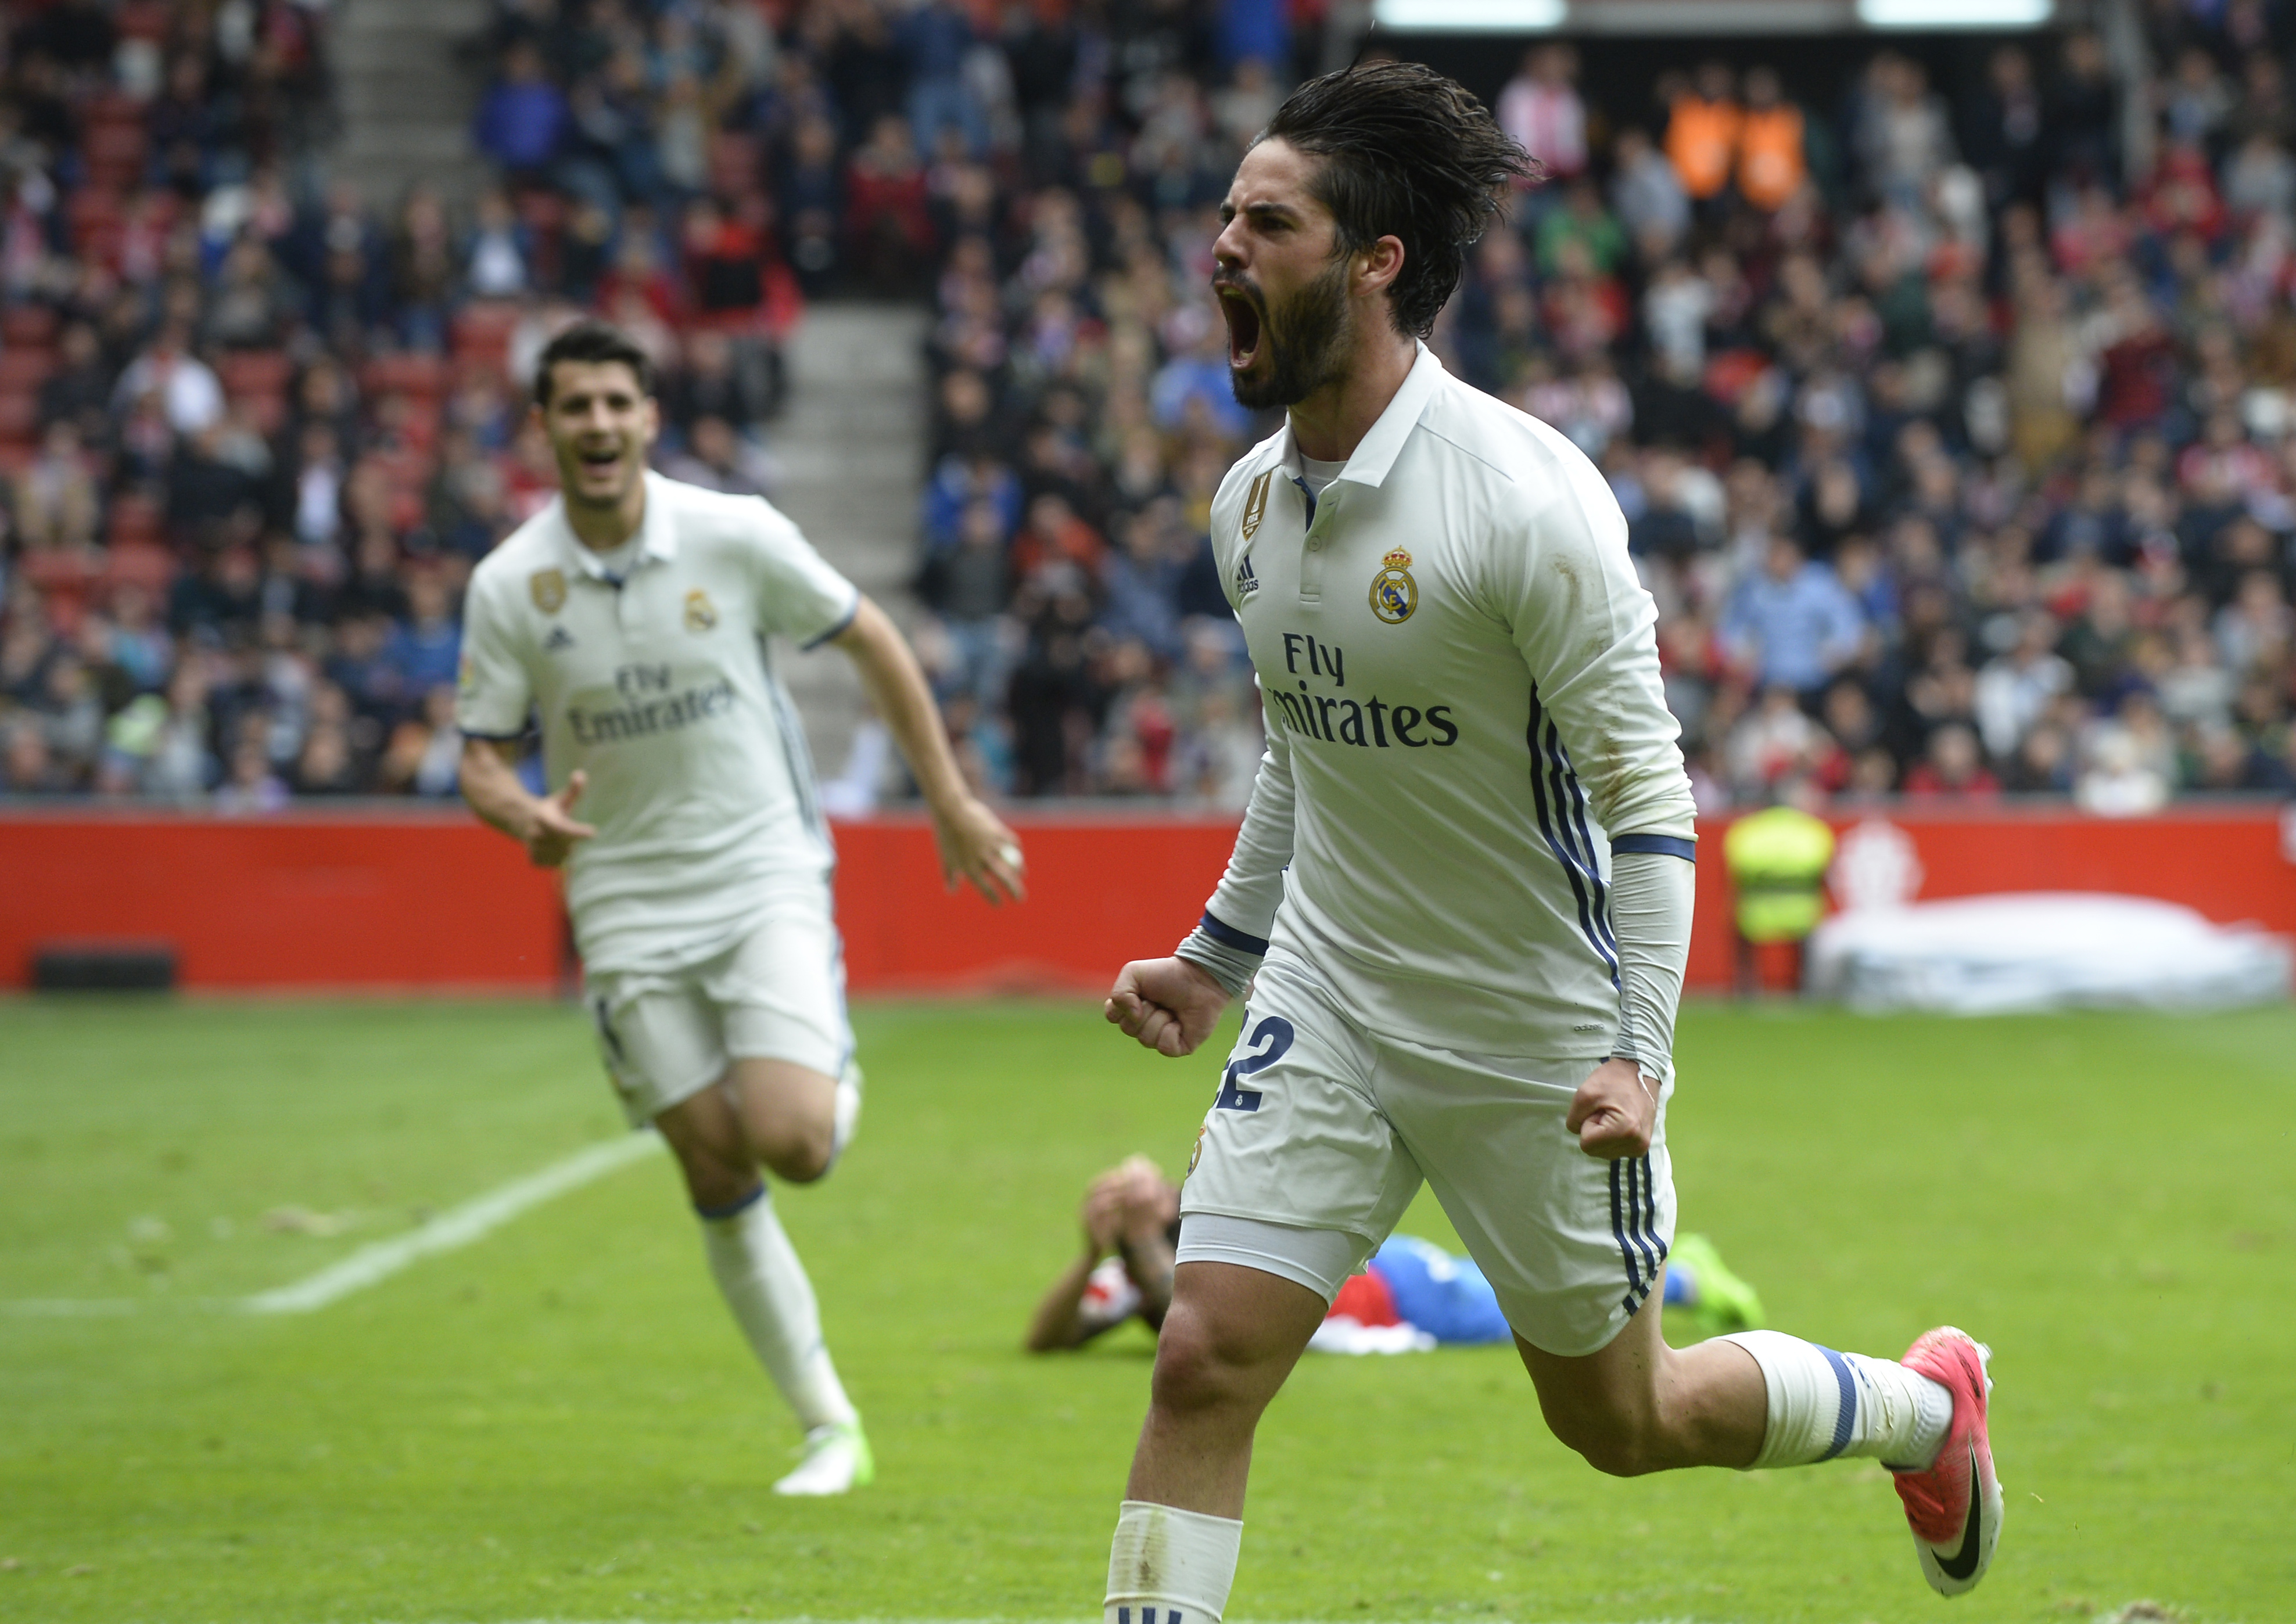 barcelona vs Real Madrid odds, barcelona vs Real Madrid prediction, barcelona vs Real Madrid pick, barcelona vs Real Madrid line, Real Madrid expert prediction